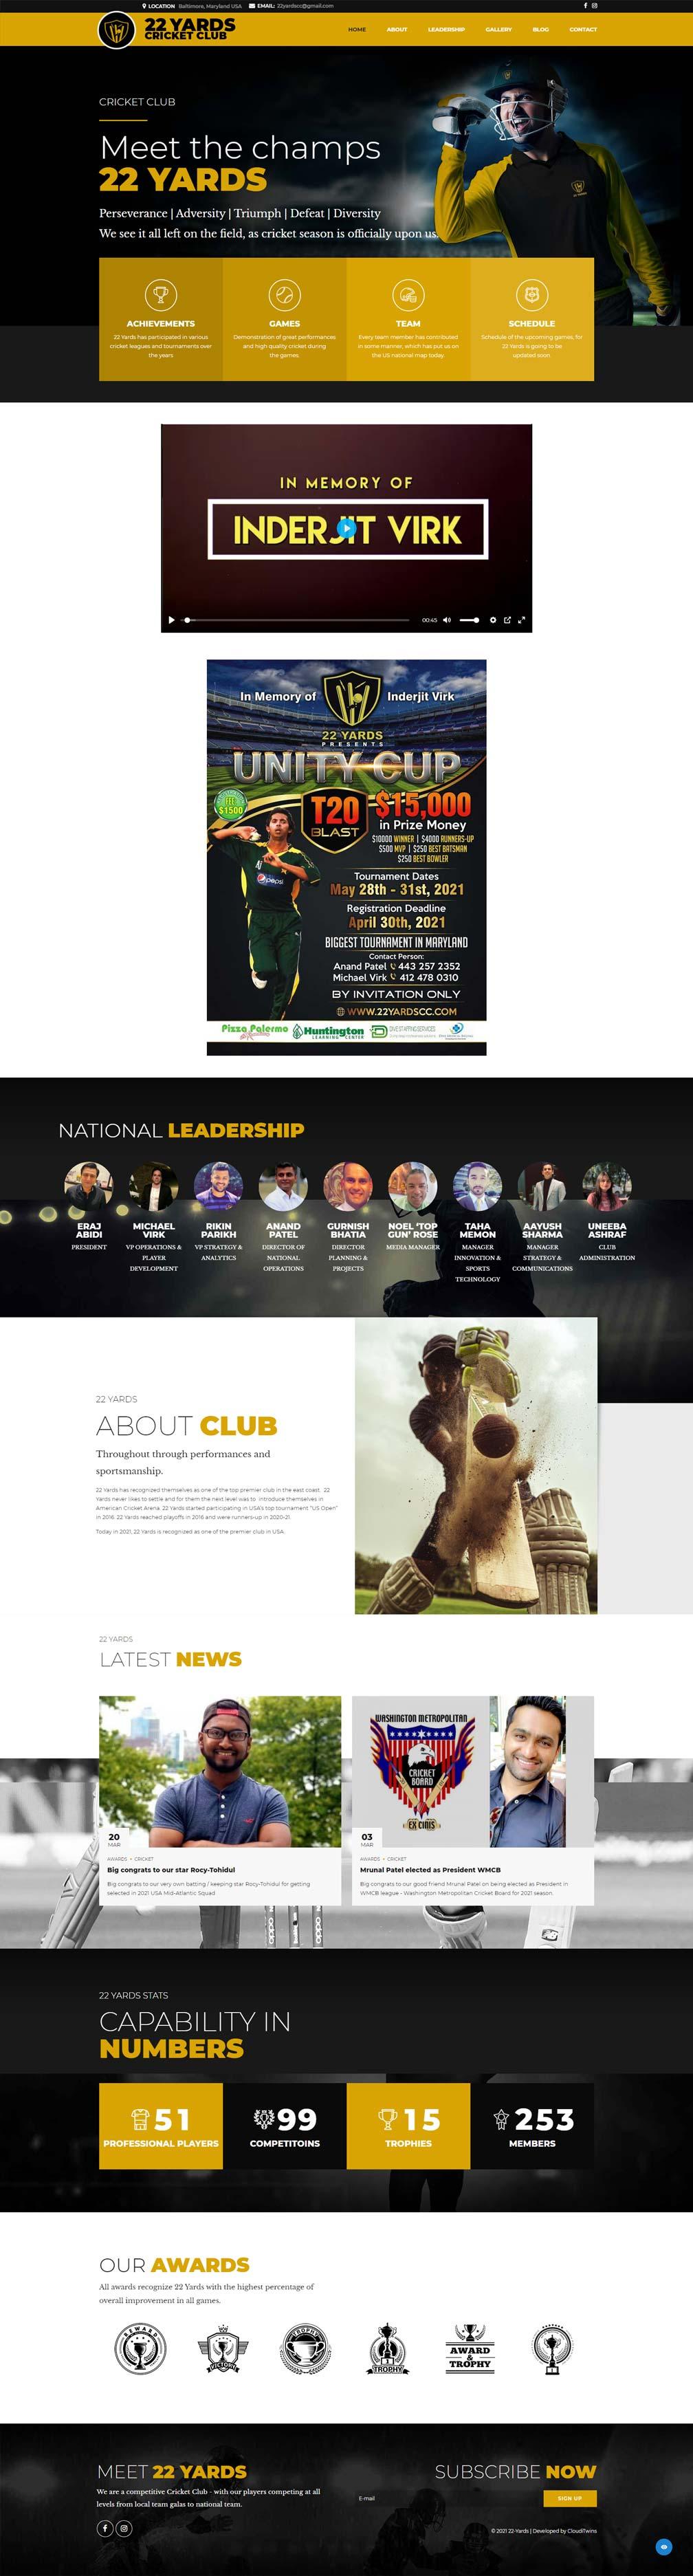 cricket league website design